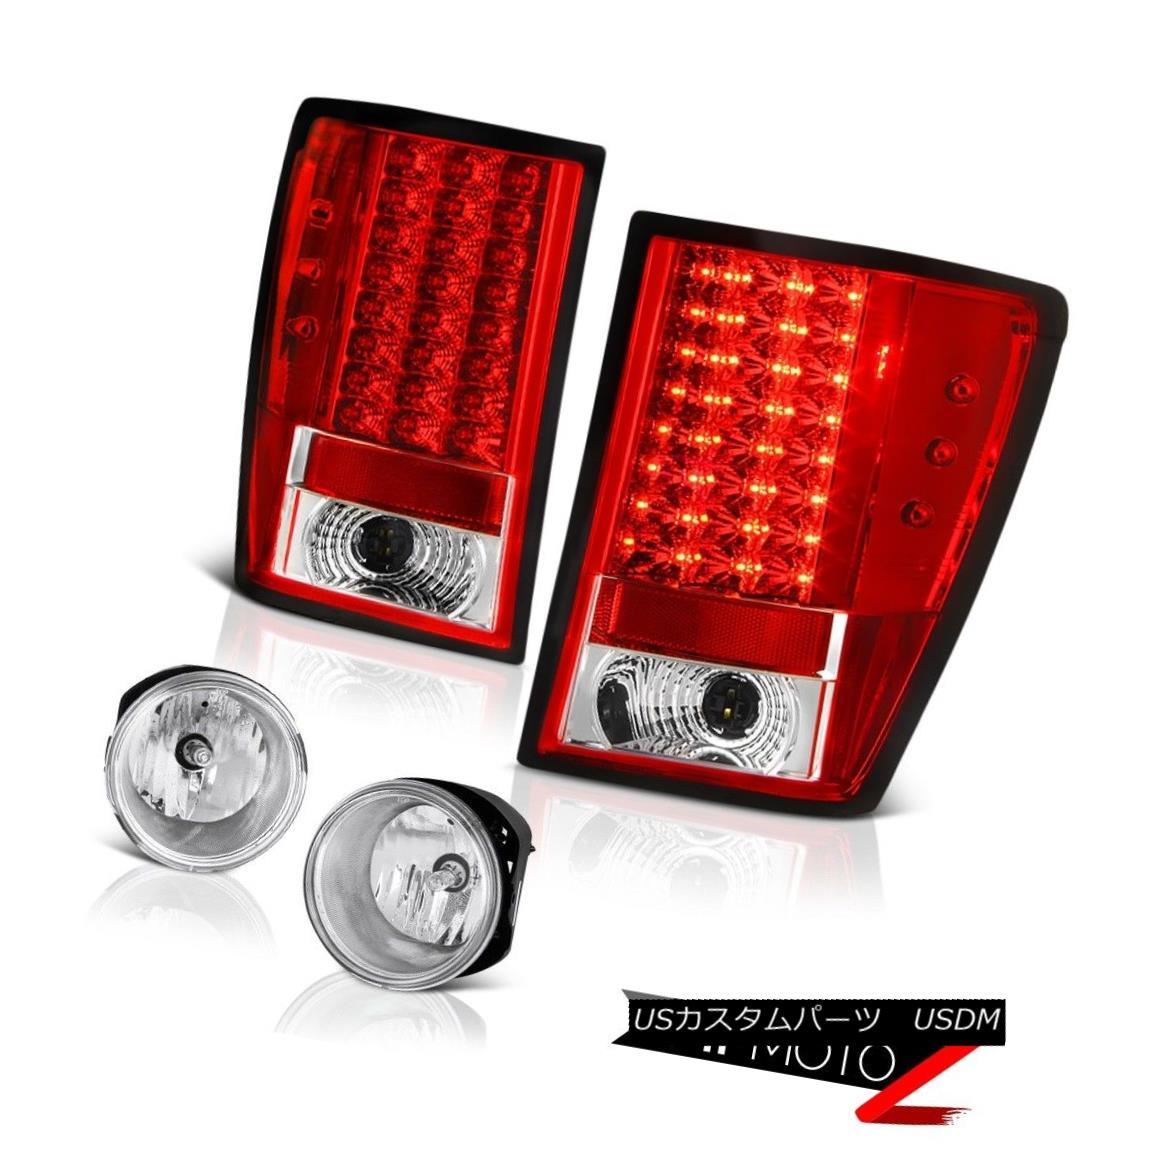 テールライト 05-06 Jeep Grand Cherokee Overland Chrome Foglamps Taillights LED